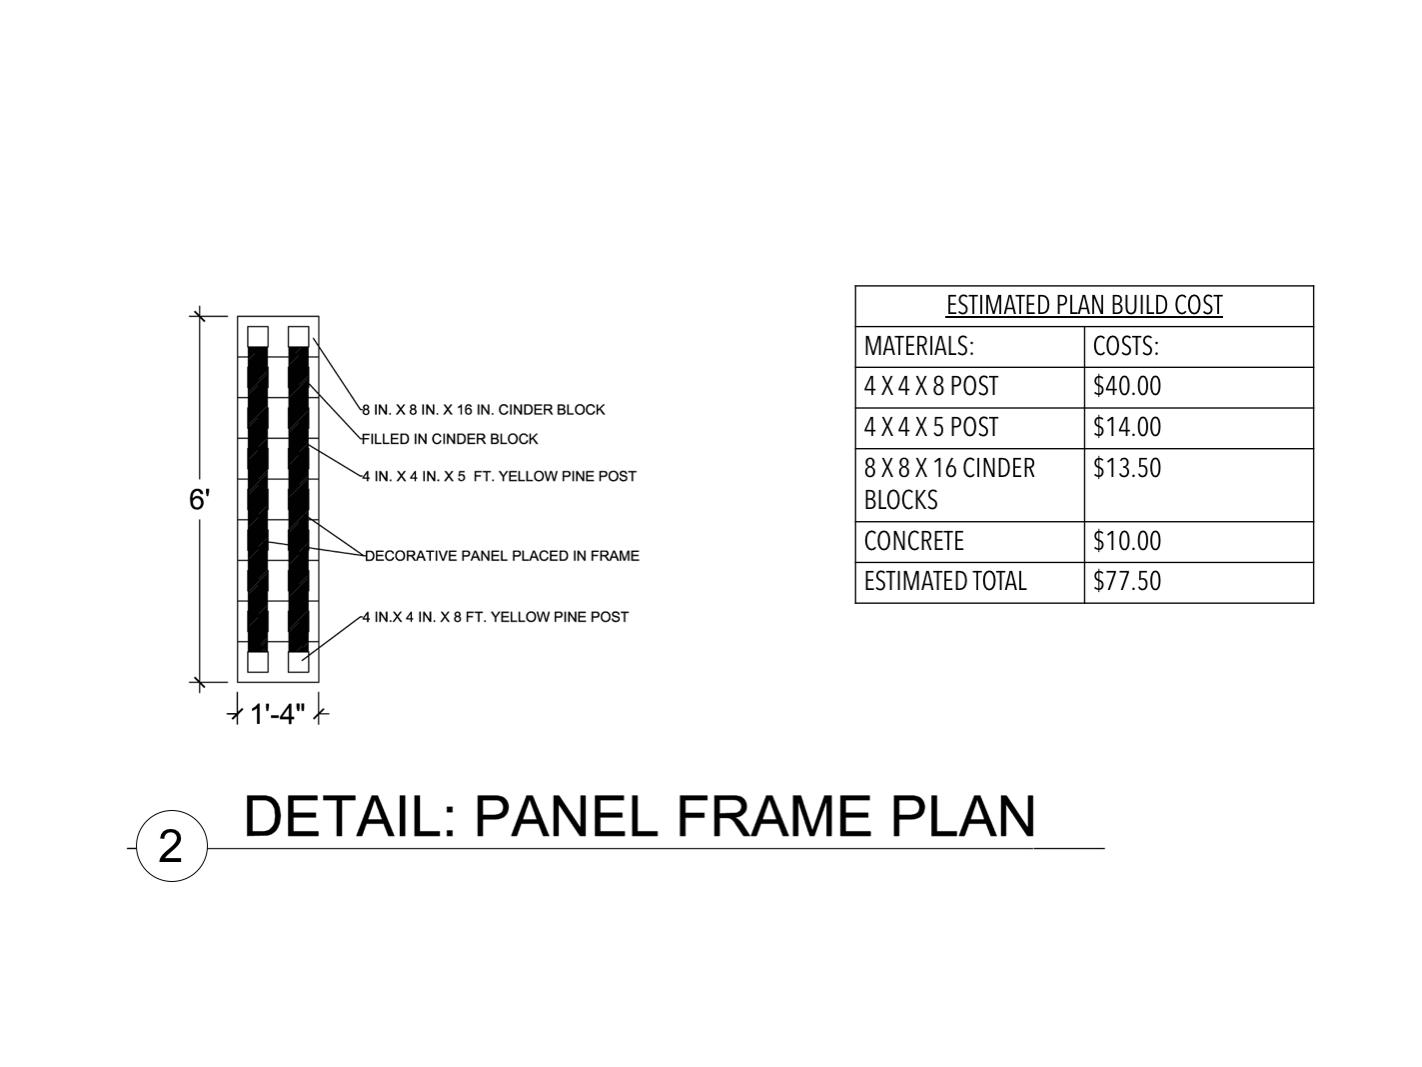 Panel Frame Plan